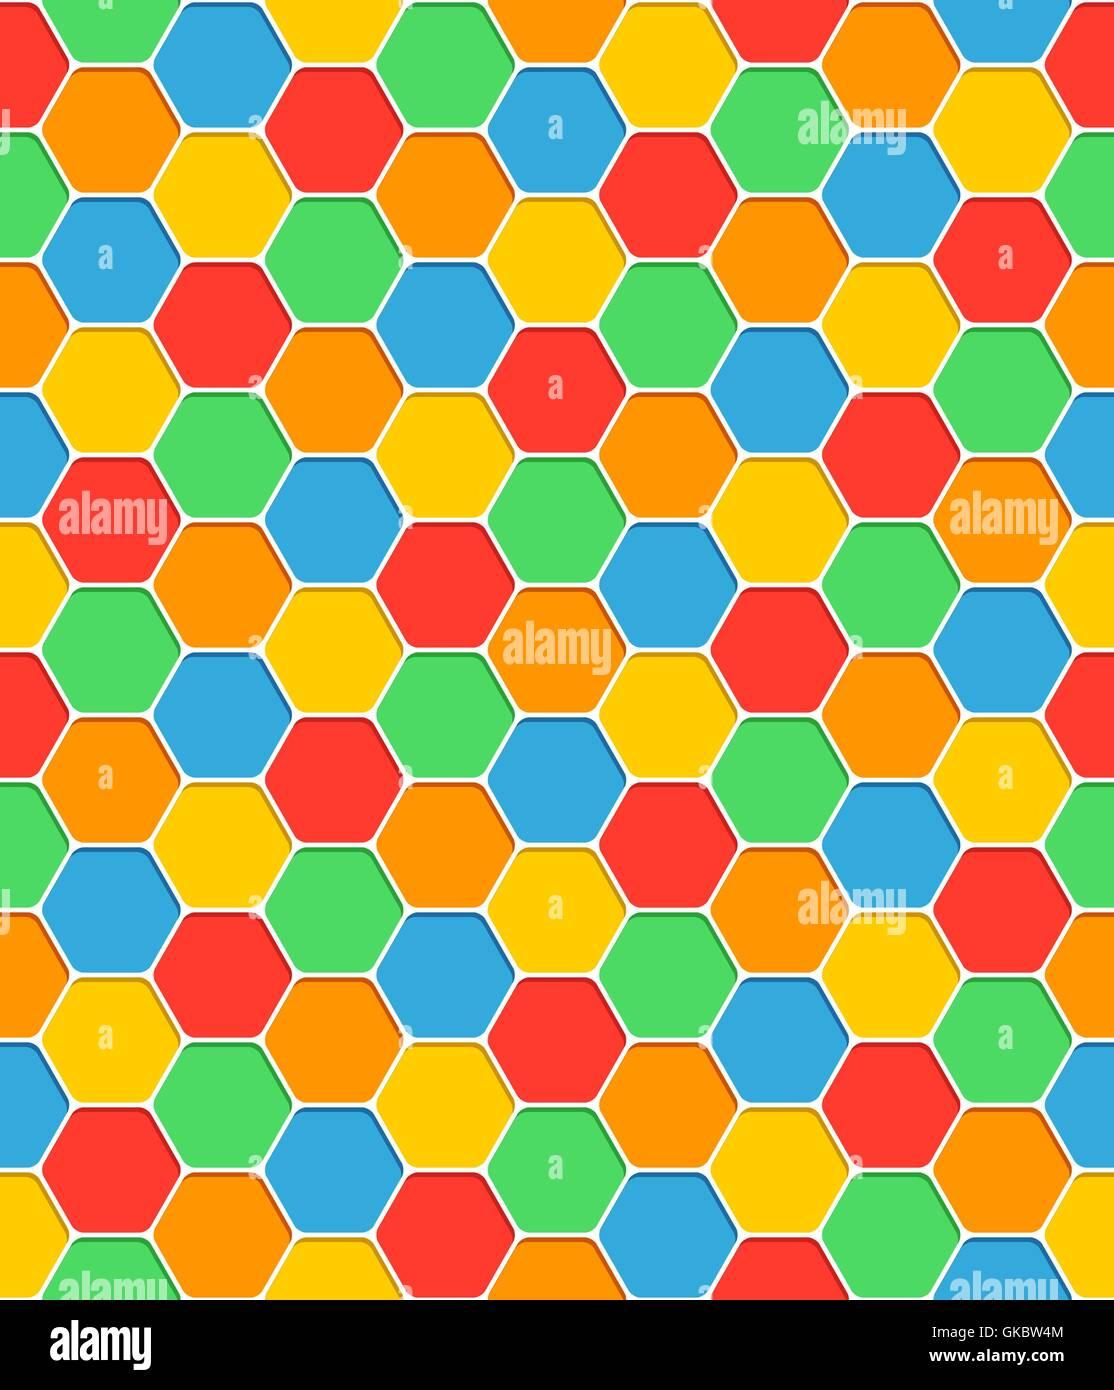 Motif transparente texture en nid d'ombre avec des formes hexagonales. Résumé fond couleur blanc. Template vide Illustration de Vecteur